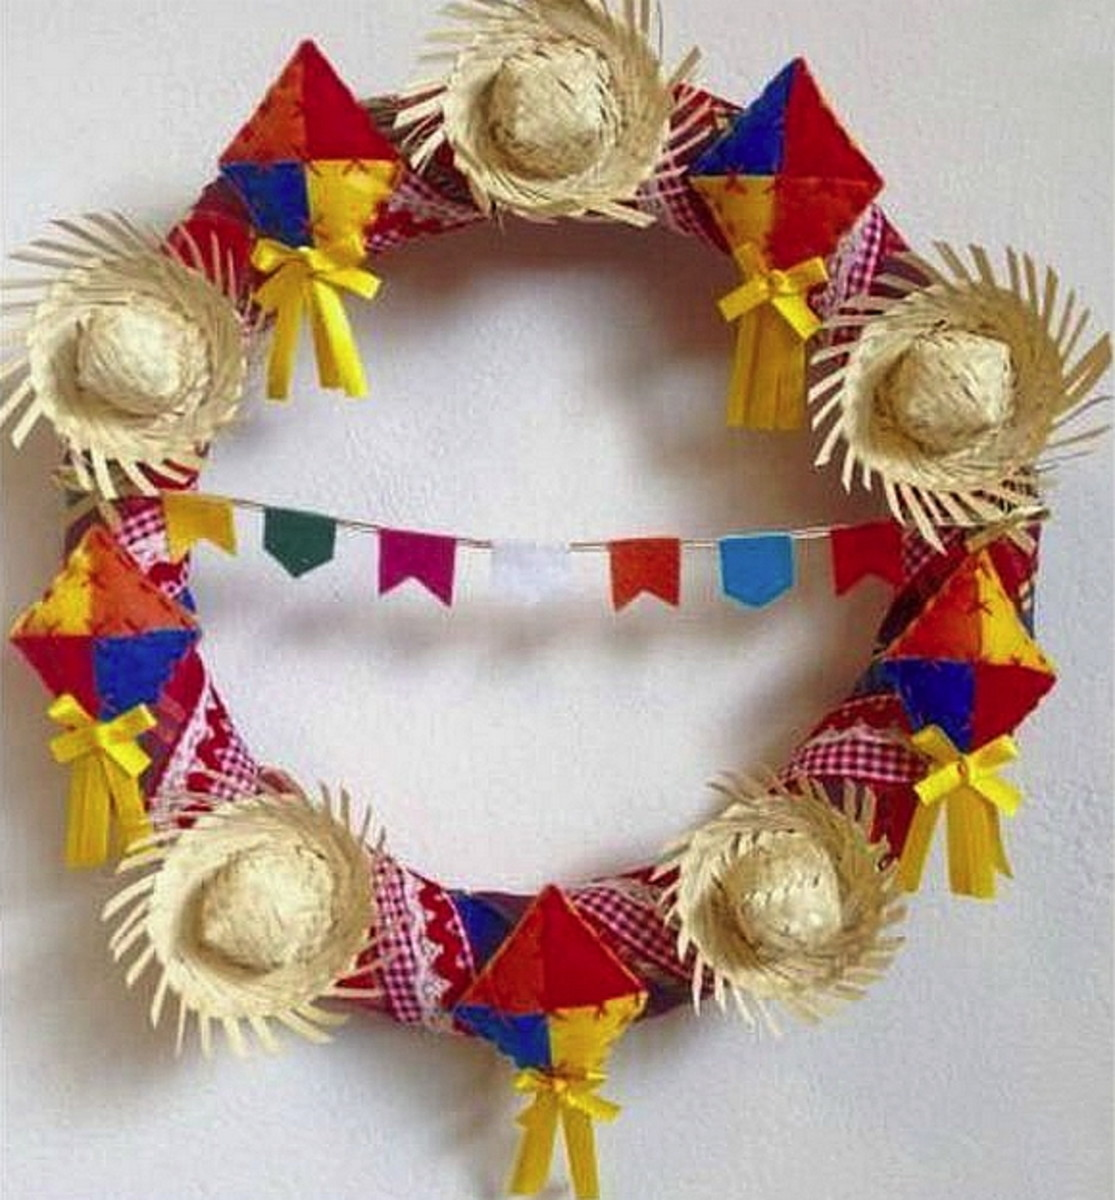 Guirlandas decoradas como enfeites de festa junina